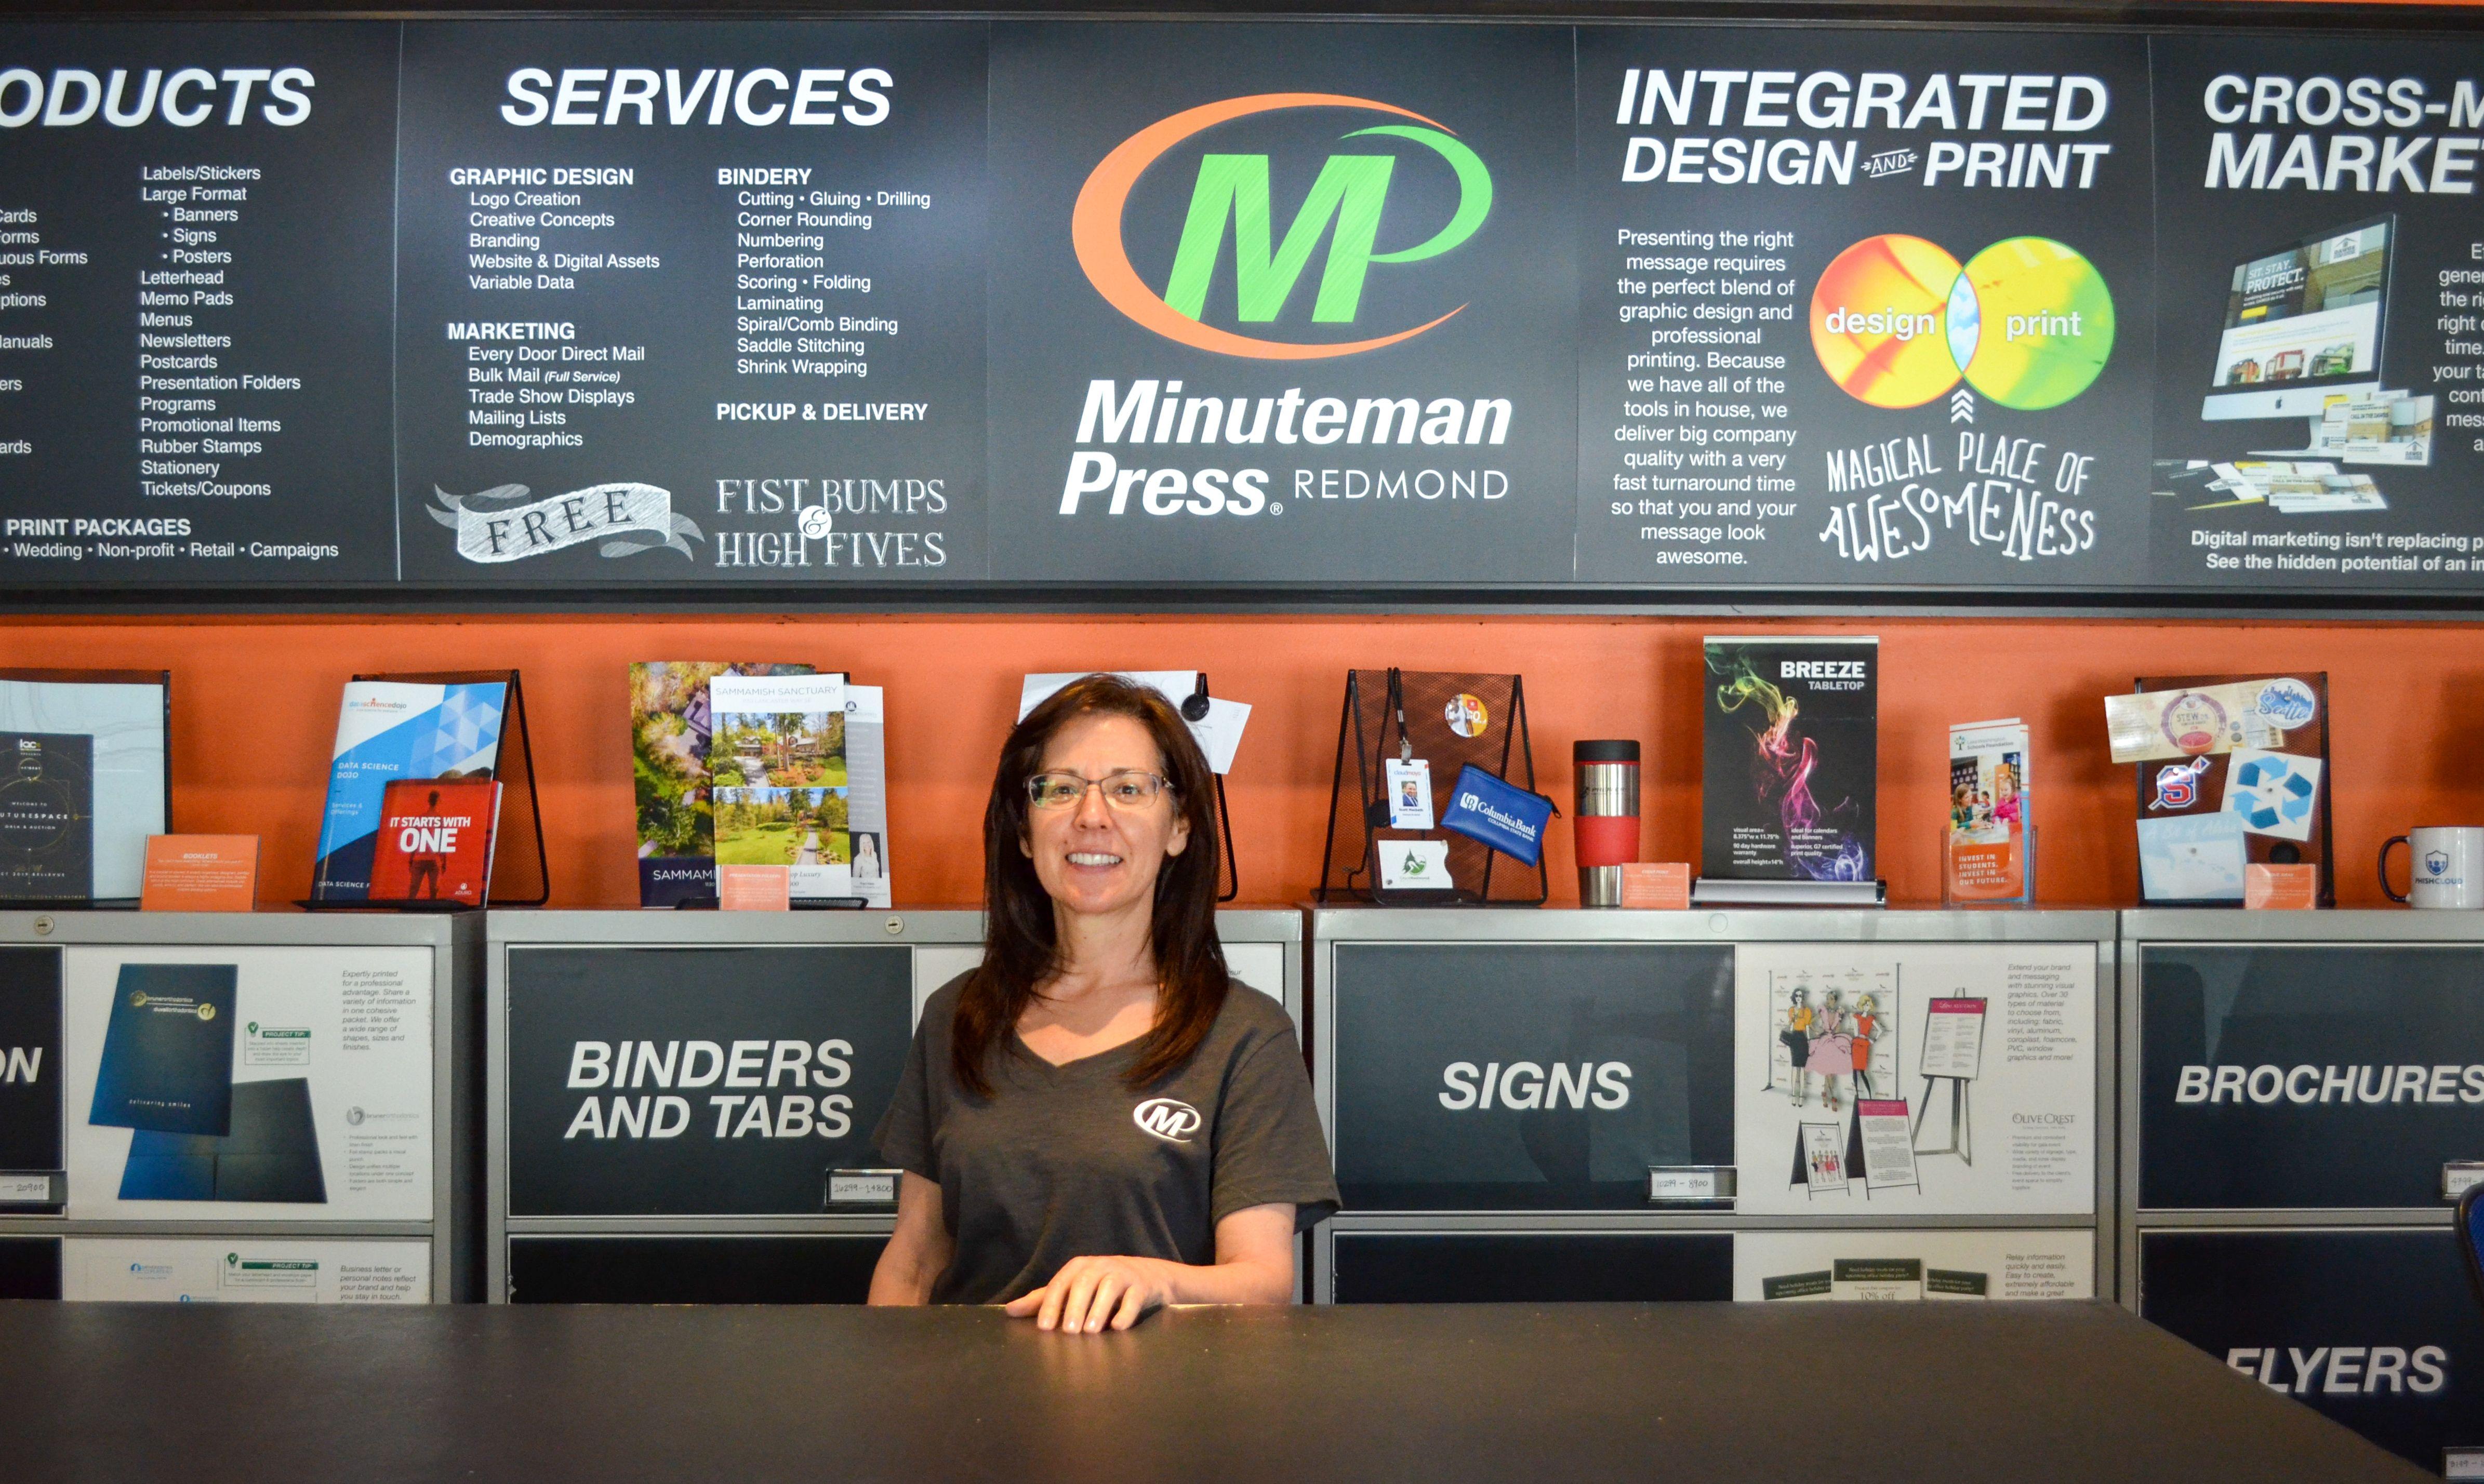 Danielle, Customer Service Representative